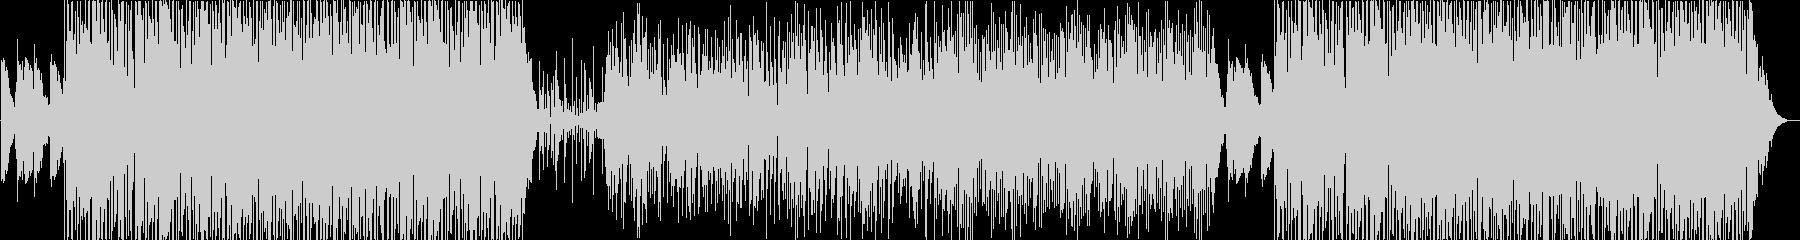 ファンクとオーソドックスジャズがMIXの未再生の波形